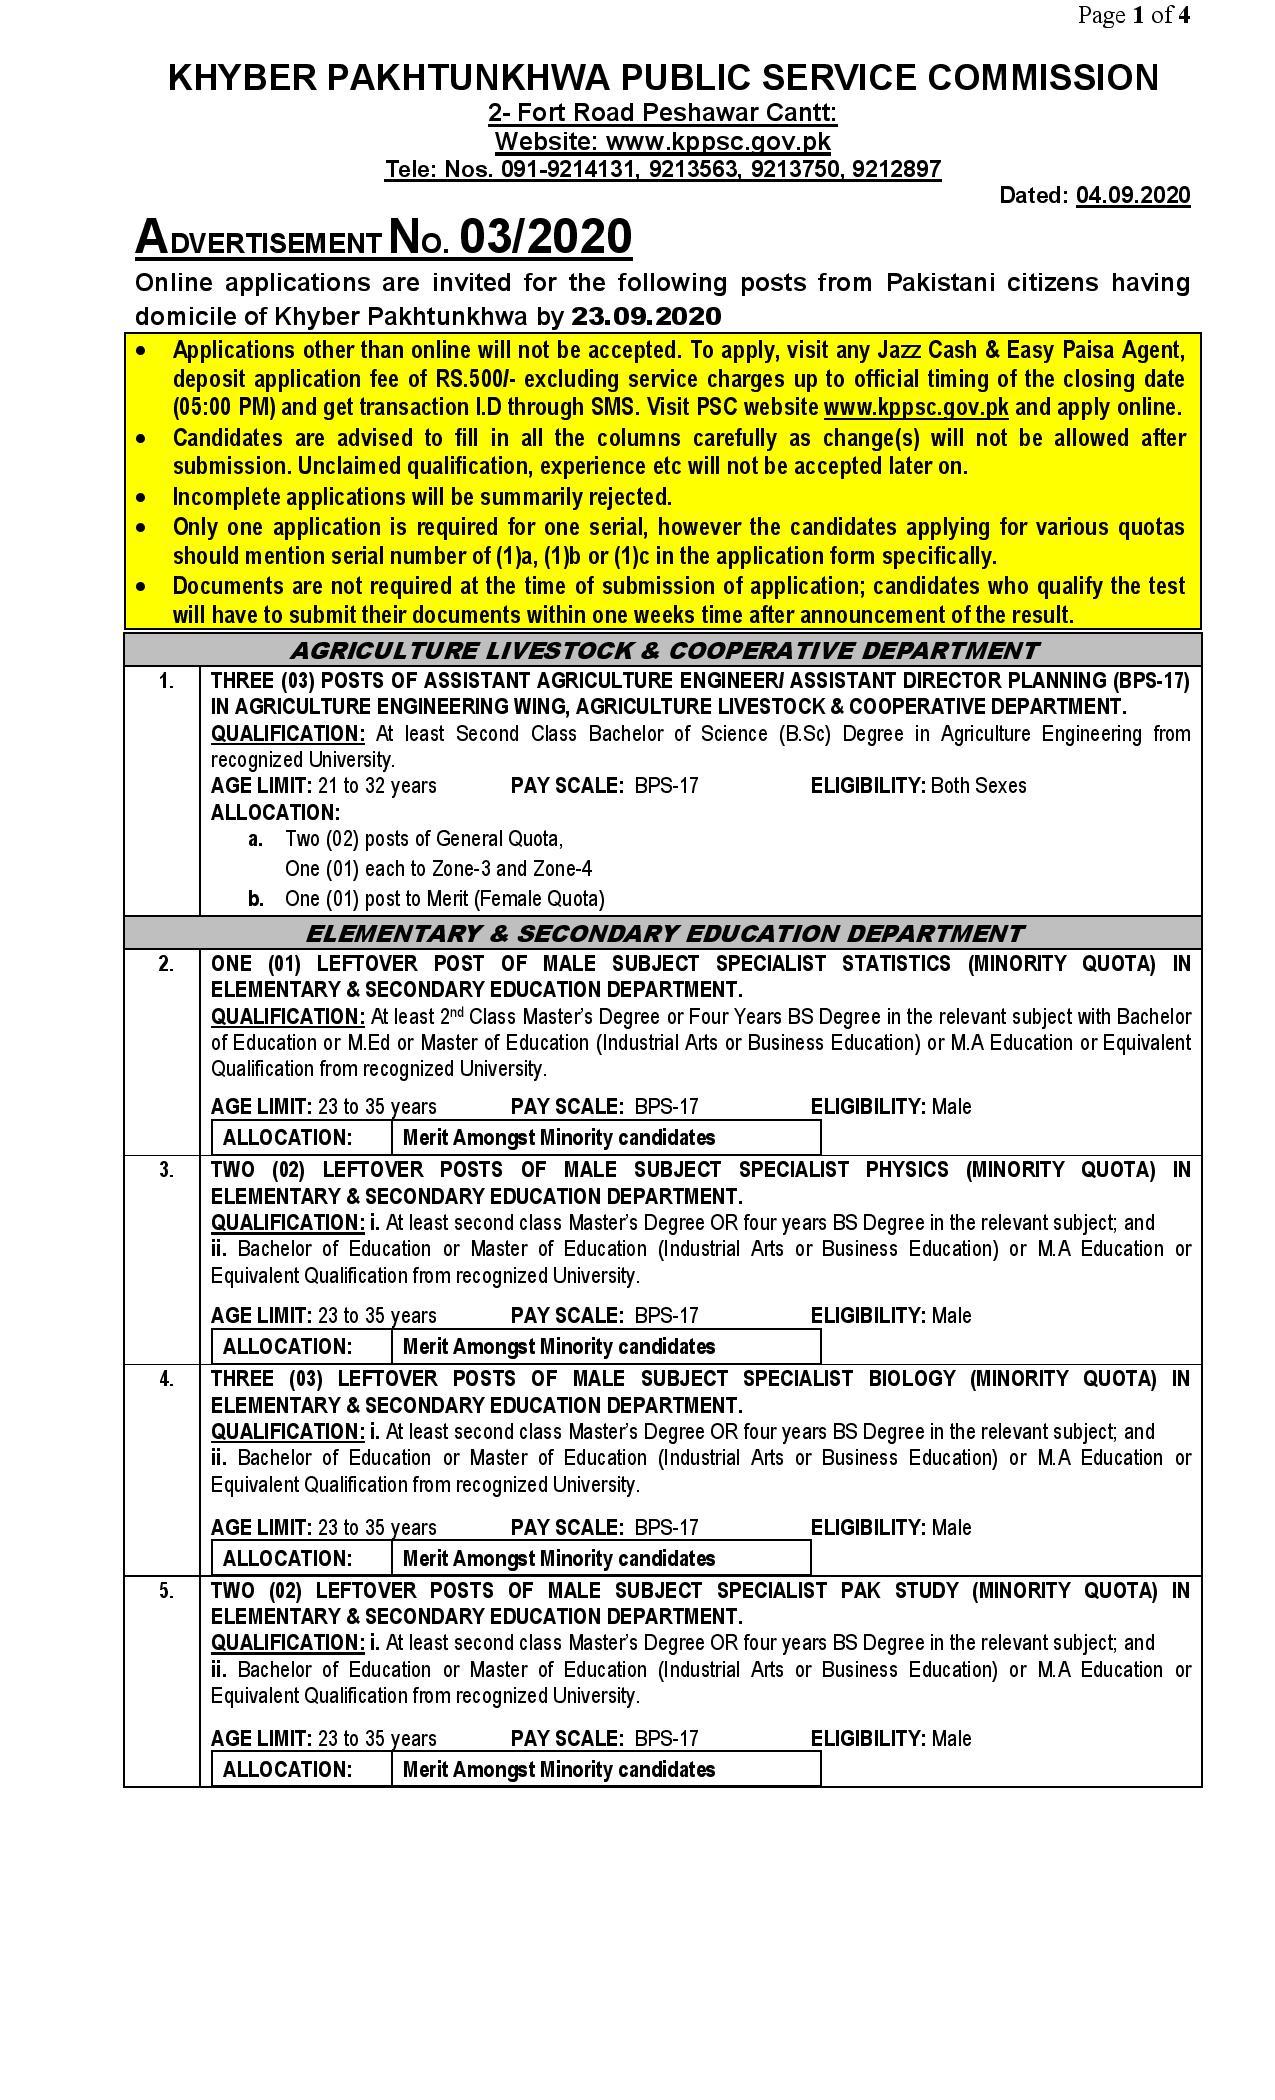 KPPSC Jobs 2020